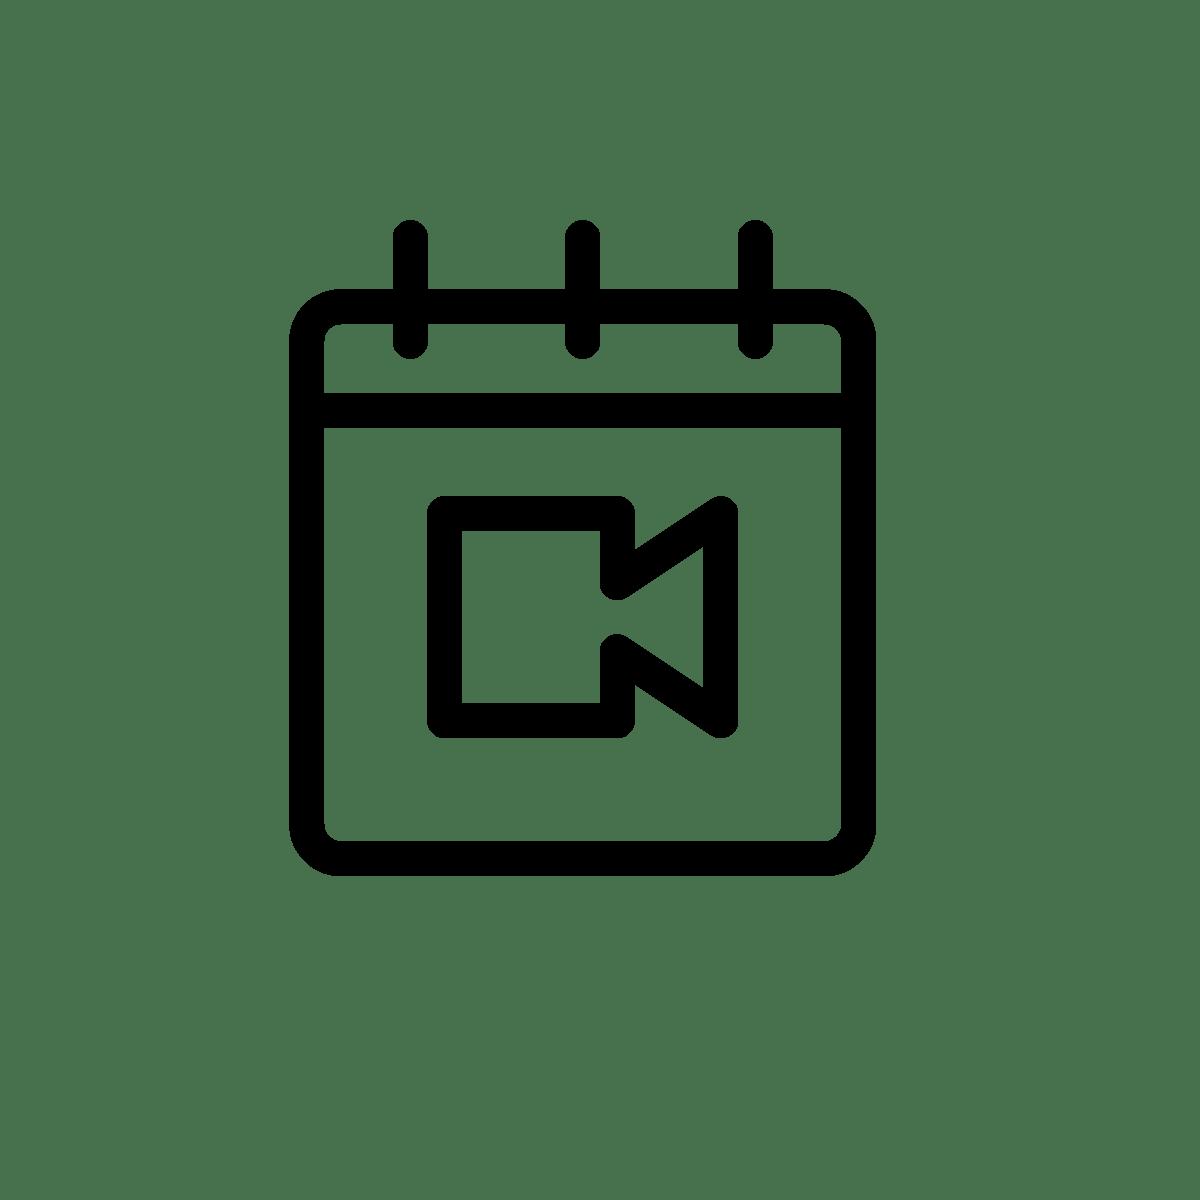 Video Meeting on a calendar